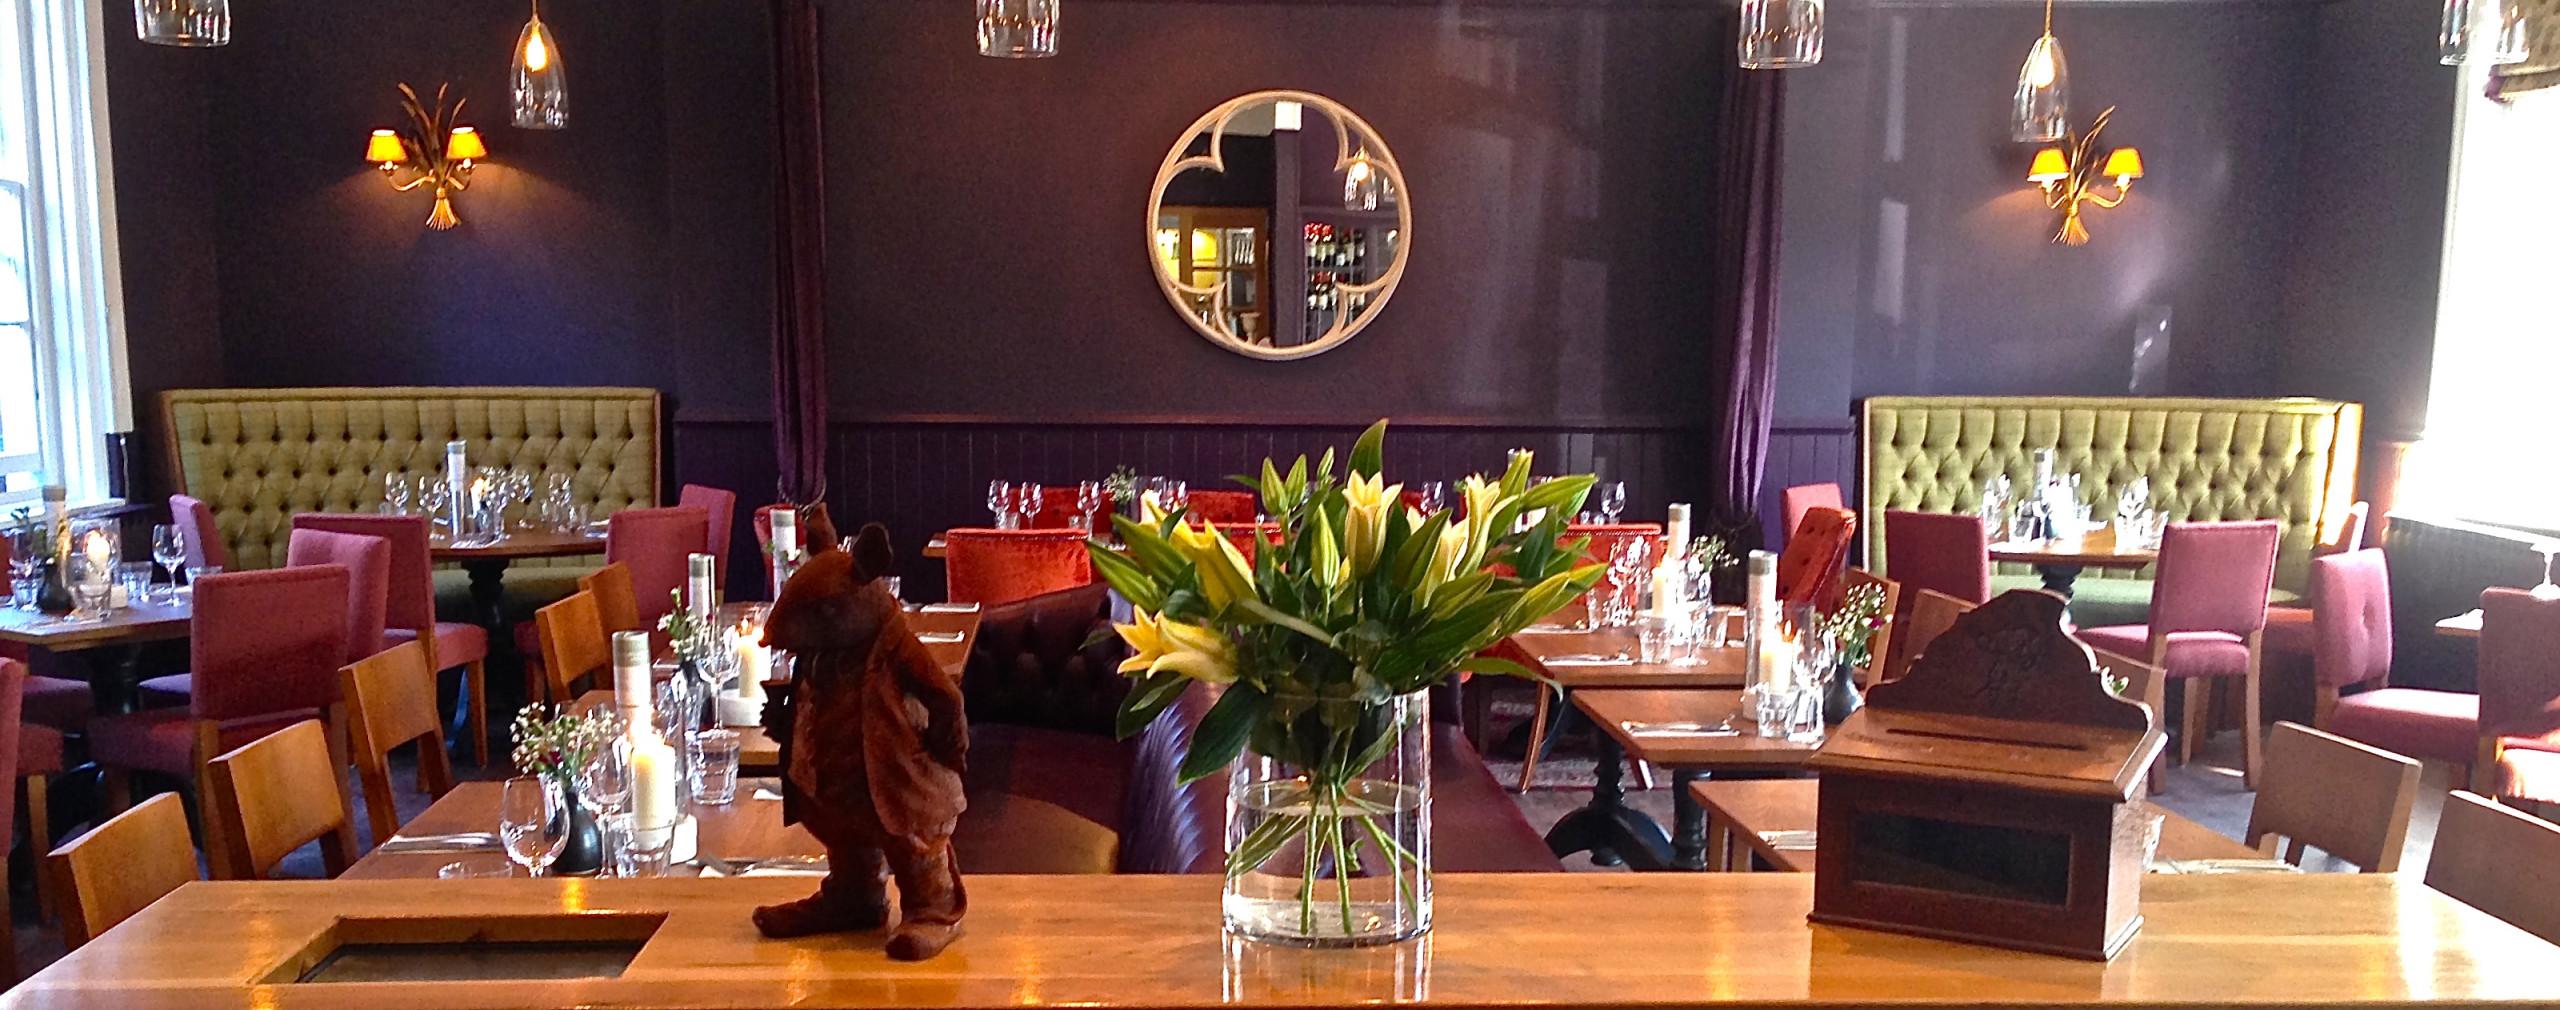 Surrey Gastropub Dining Room